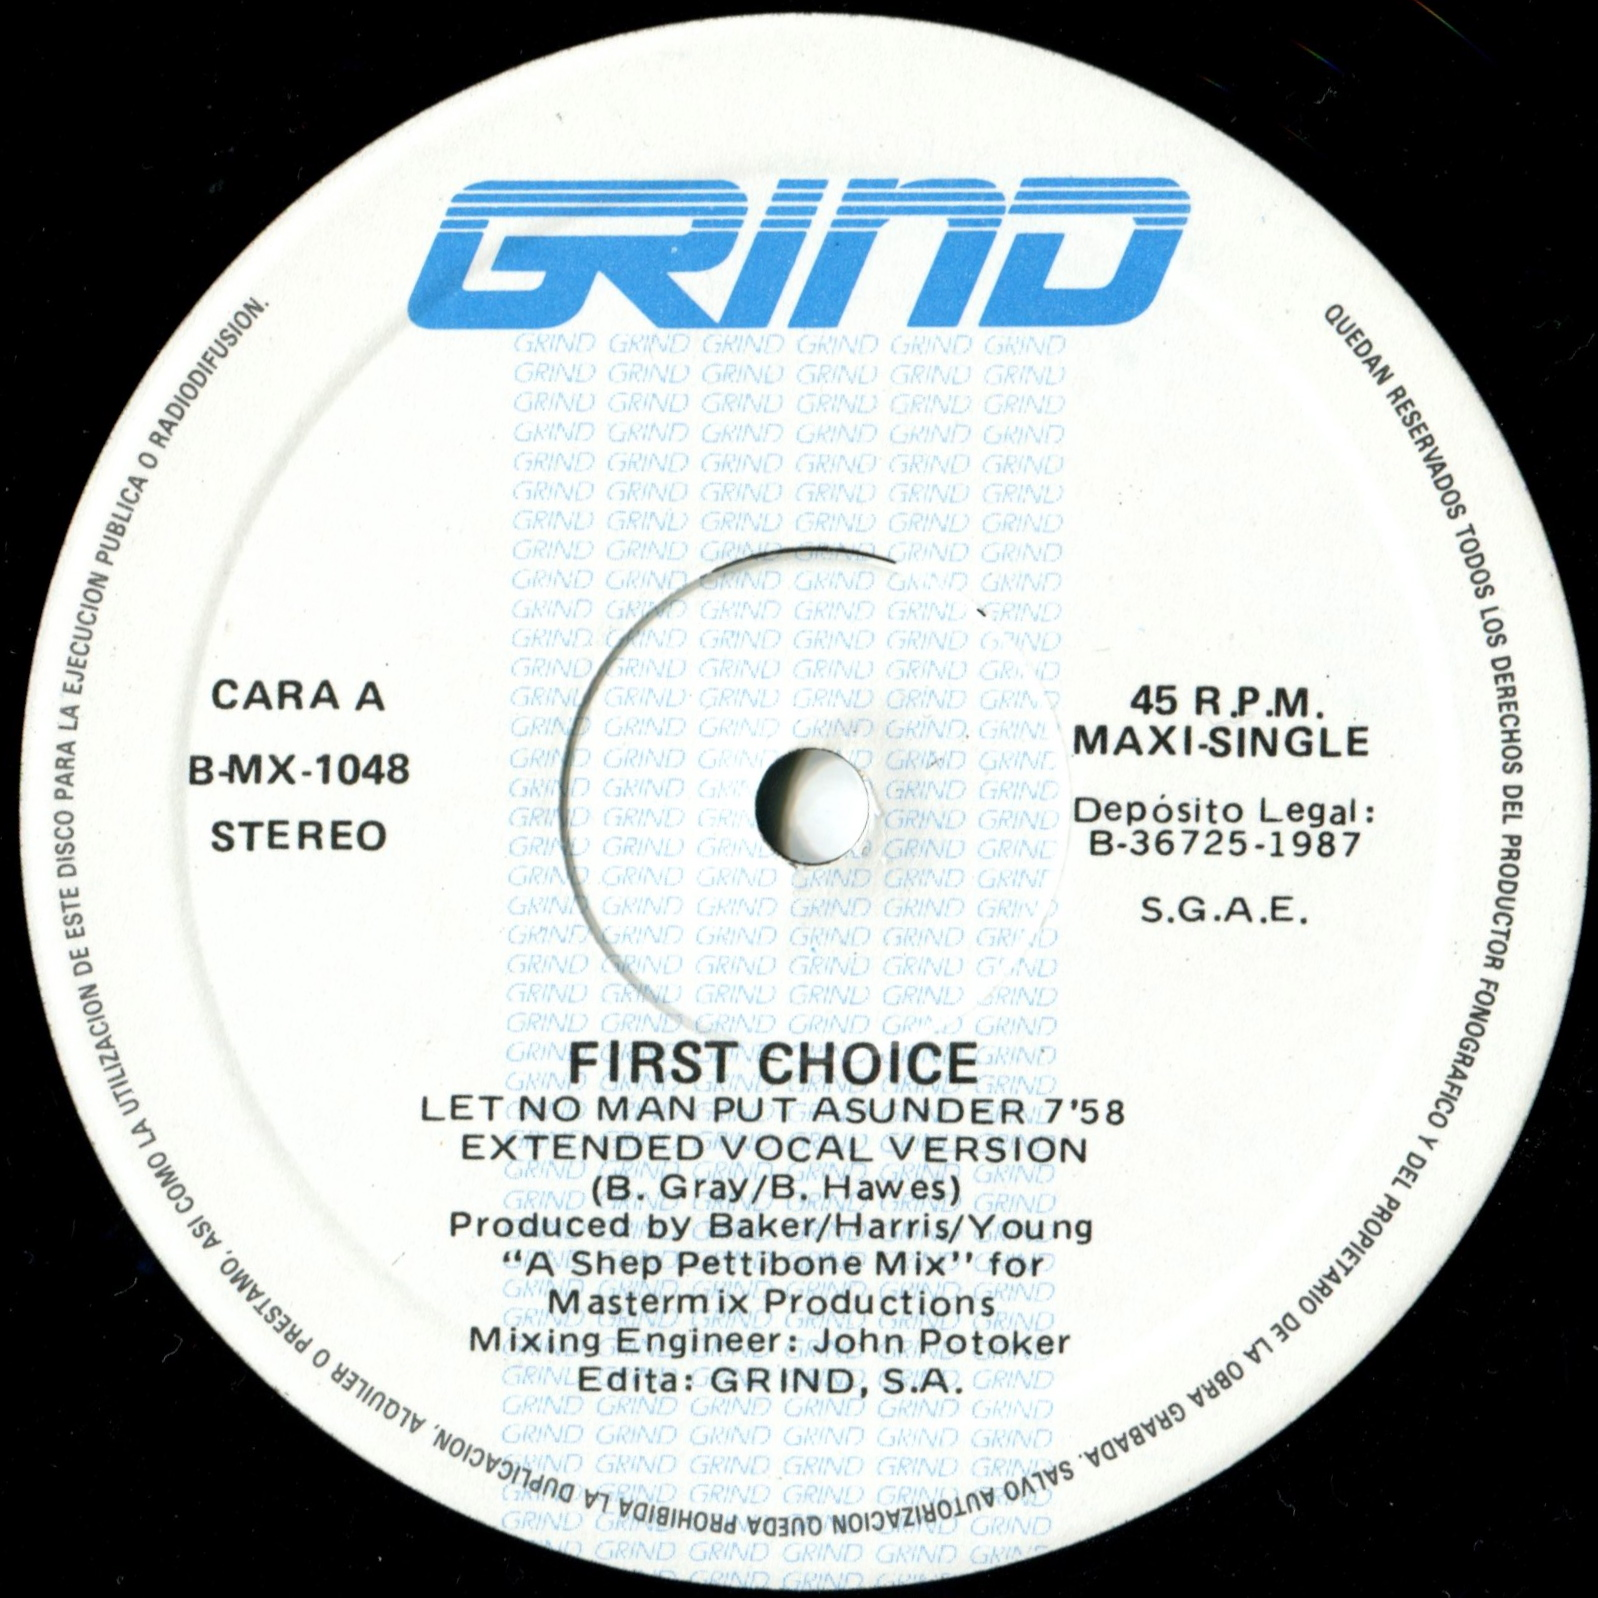 http://1.bp.blogspot.com/-ulA5mt1w1iI/UL6lc-dEDJI/AAAAAAAAFek/A4GHrXUoSxk/s1600/First+Choice+Let+No+Man+A.jpg